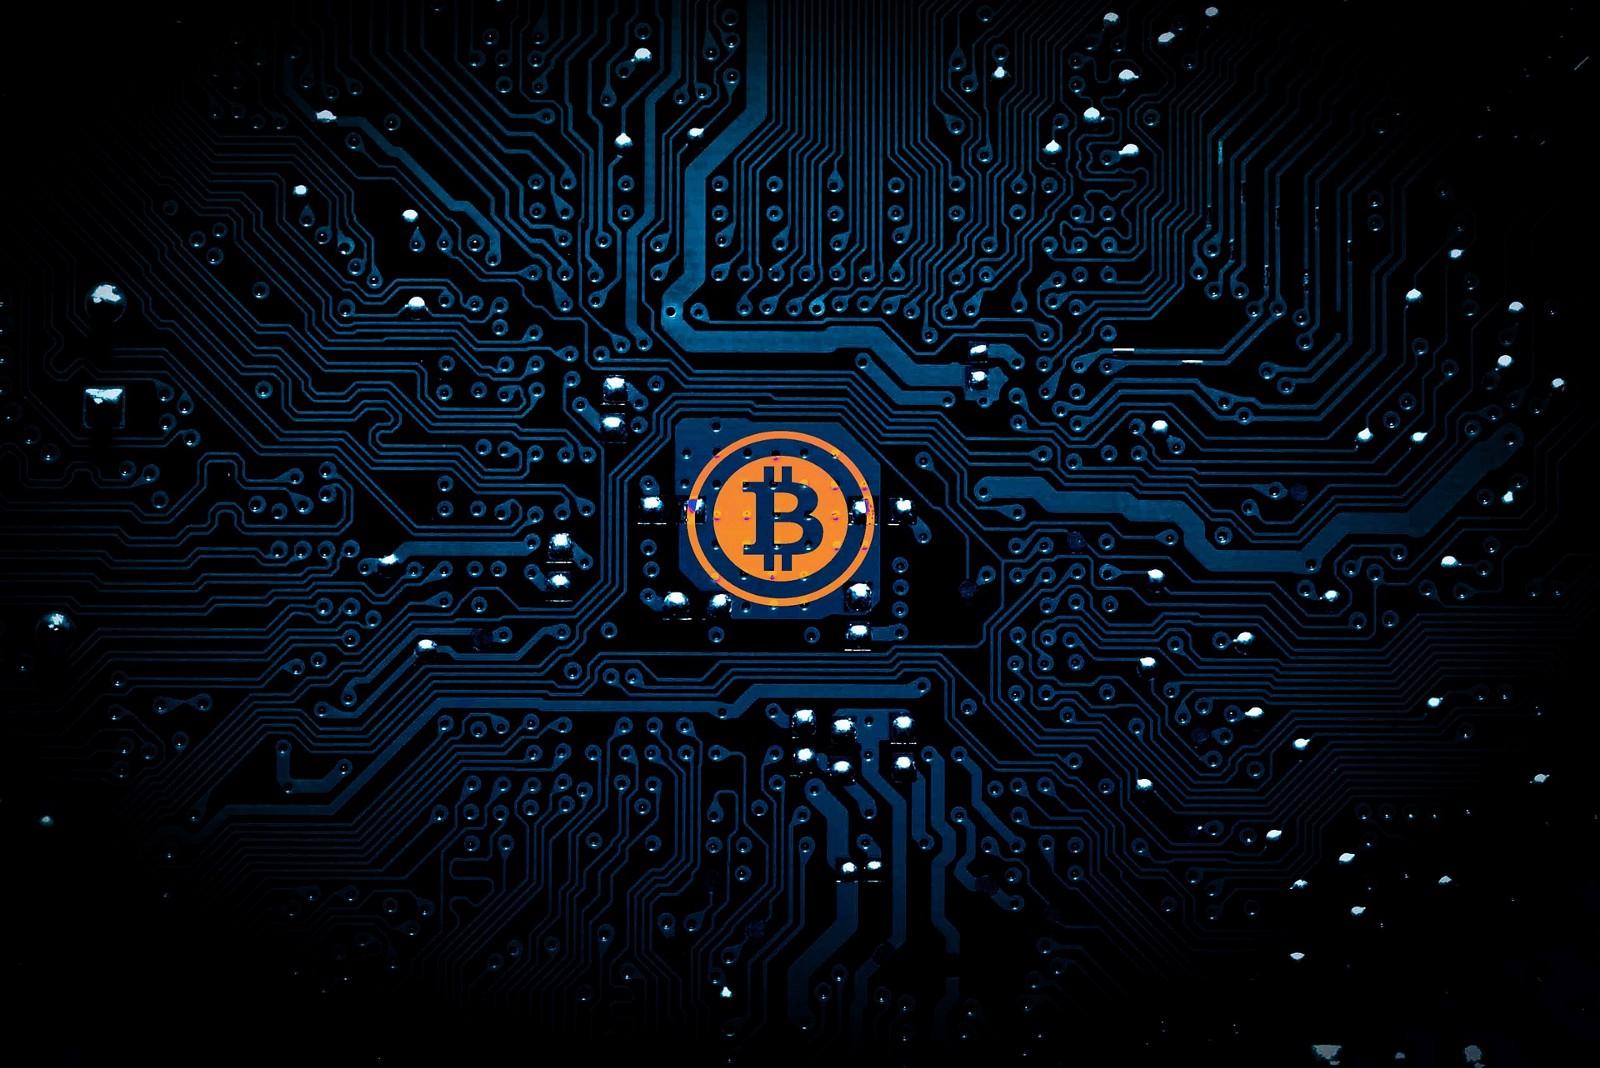 /building-a-cryptocurrency-portfolio-14e46e99942e feature image